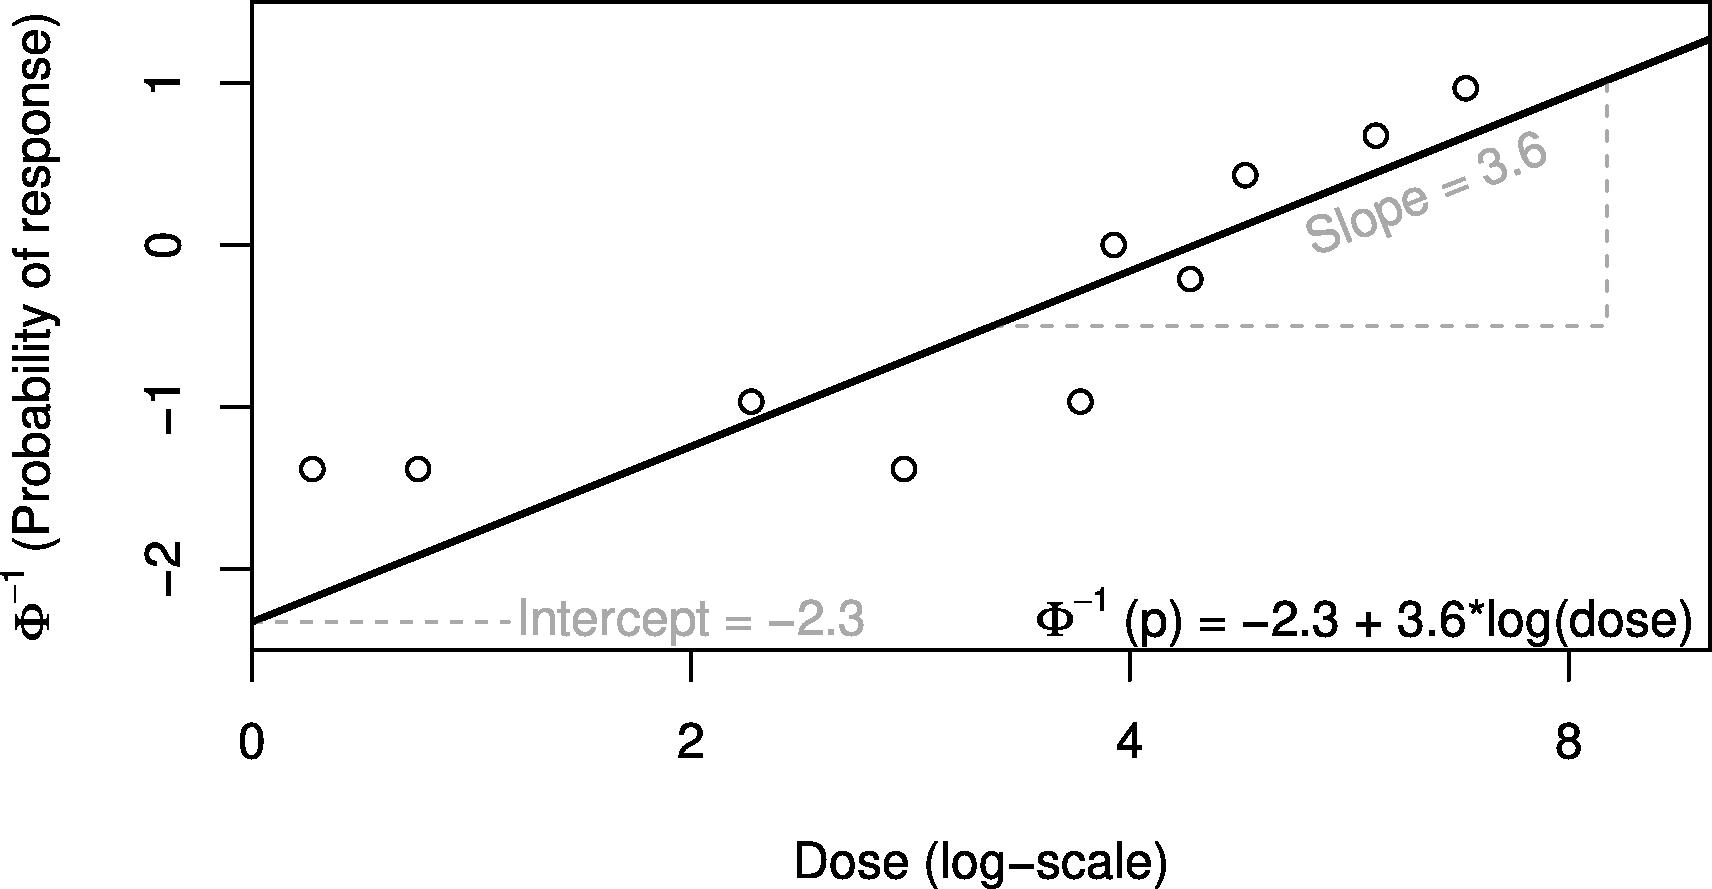 probit_scale_plot